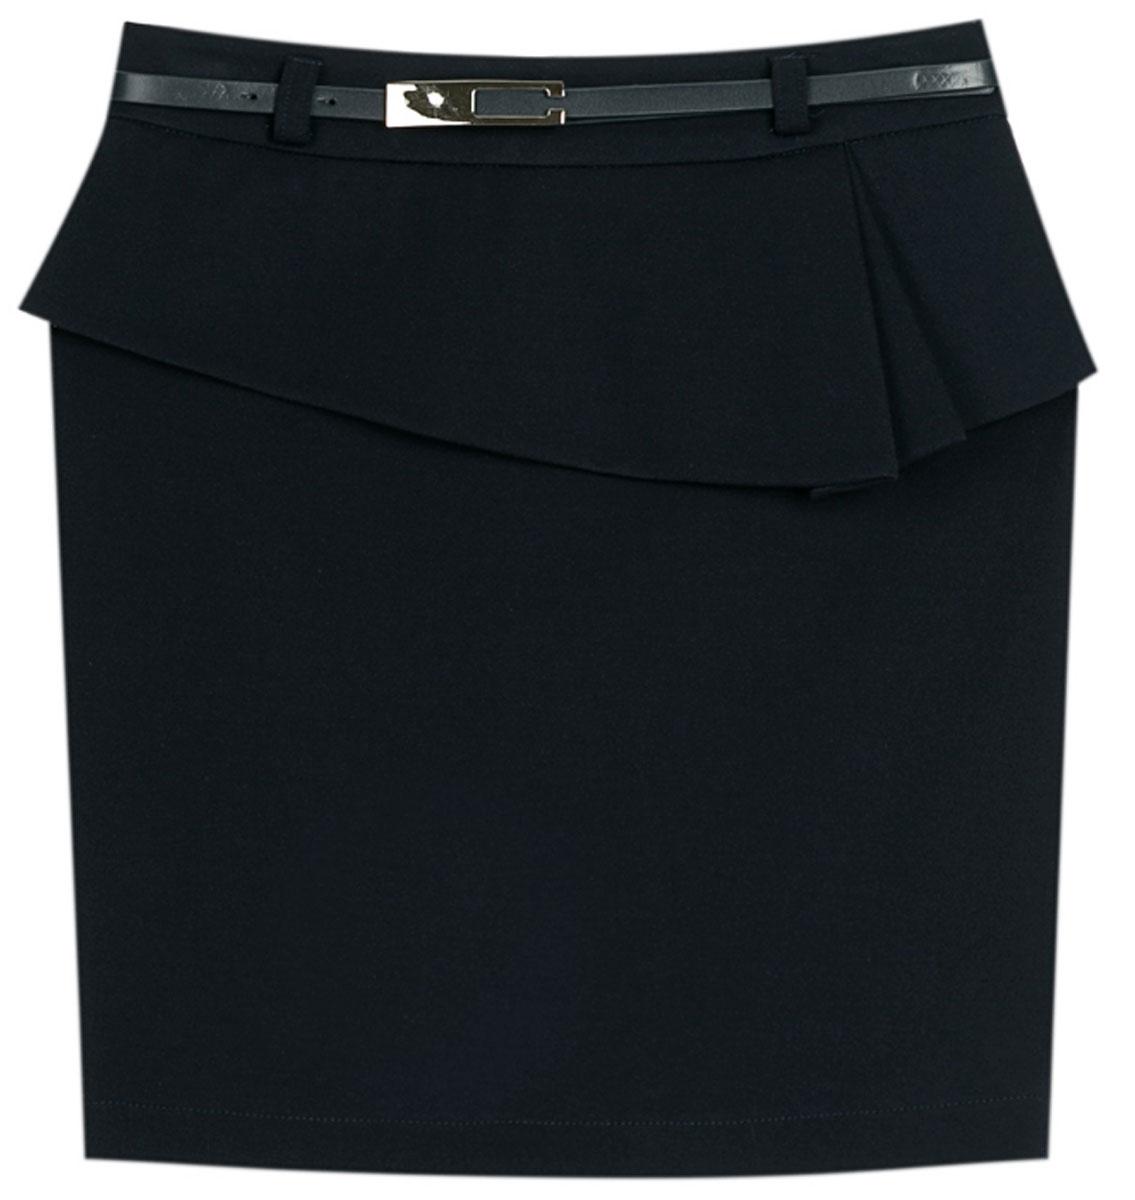 Юбка для девочки Vitacci, цвет: черный. 2173043L-03. Размер 1402173043L-03Стильная юбка для девочки от Vitacci выполнена из вискозы и нейлона с добавлением эластана. Модель дополнена ремешком и баской, застегивается на молнию.